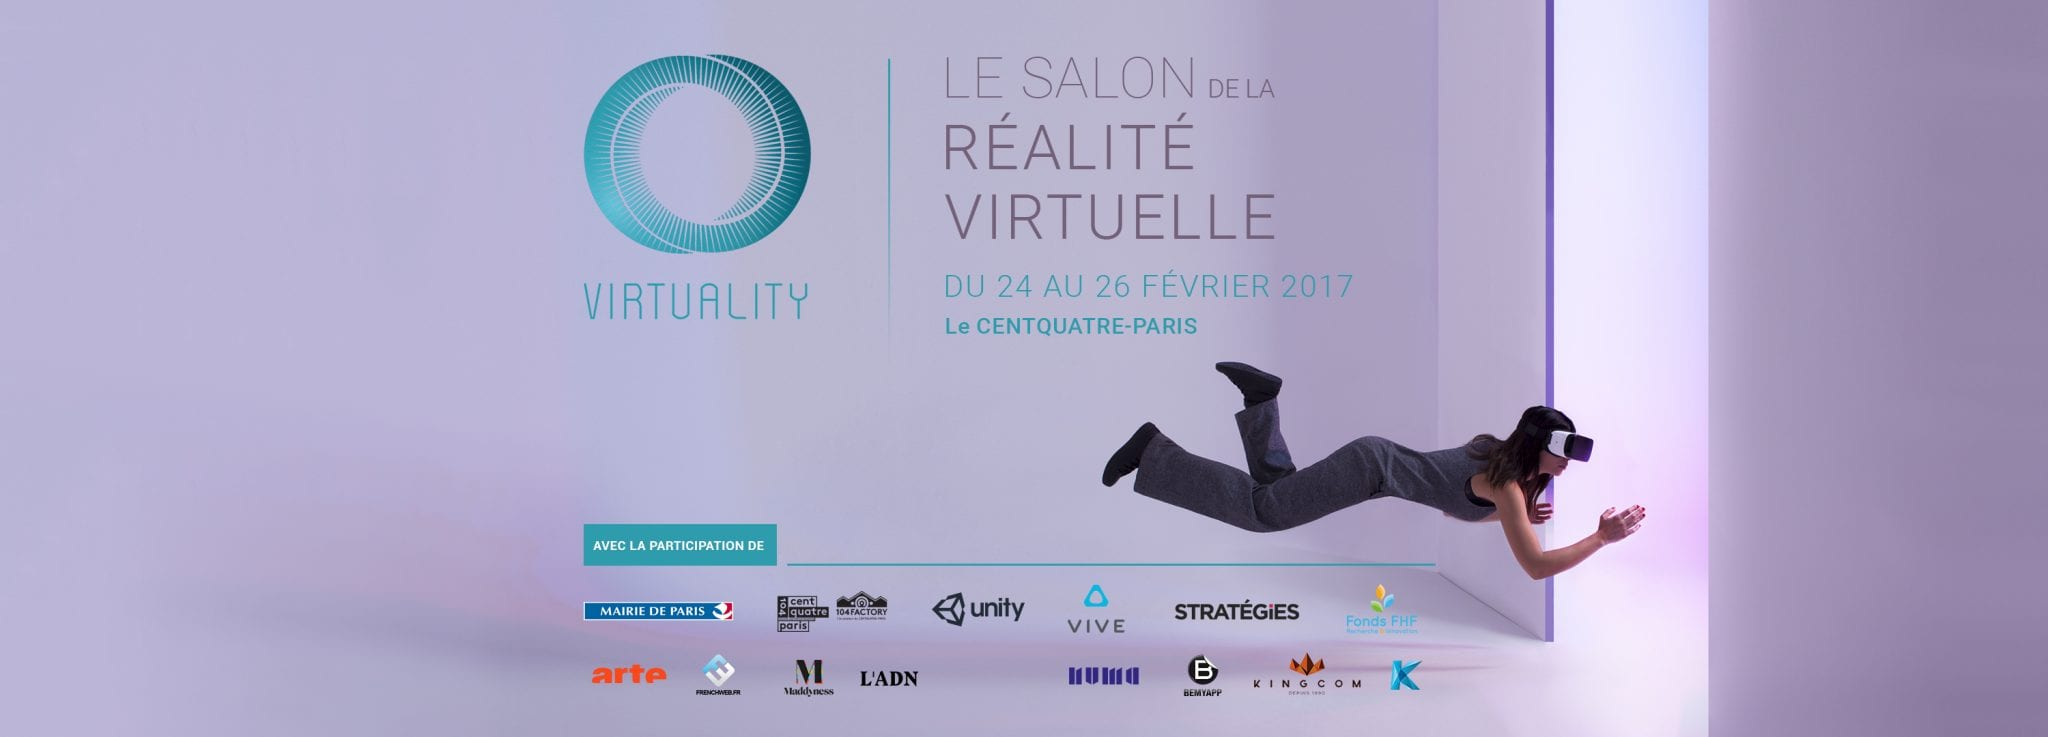 virtuality-visu-home-3000x1080-v9b